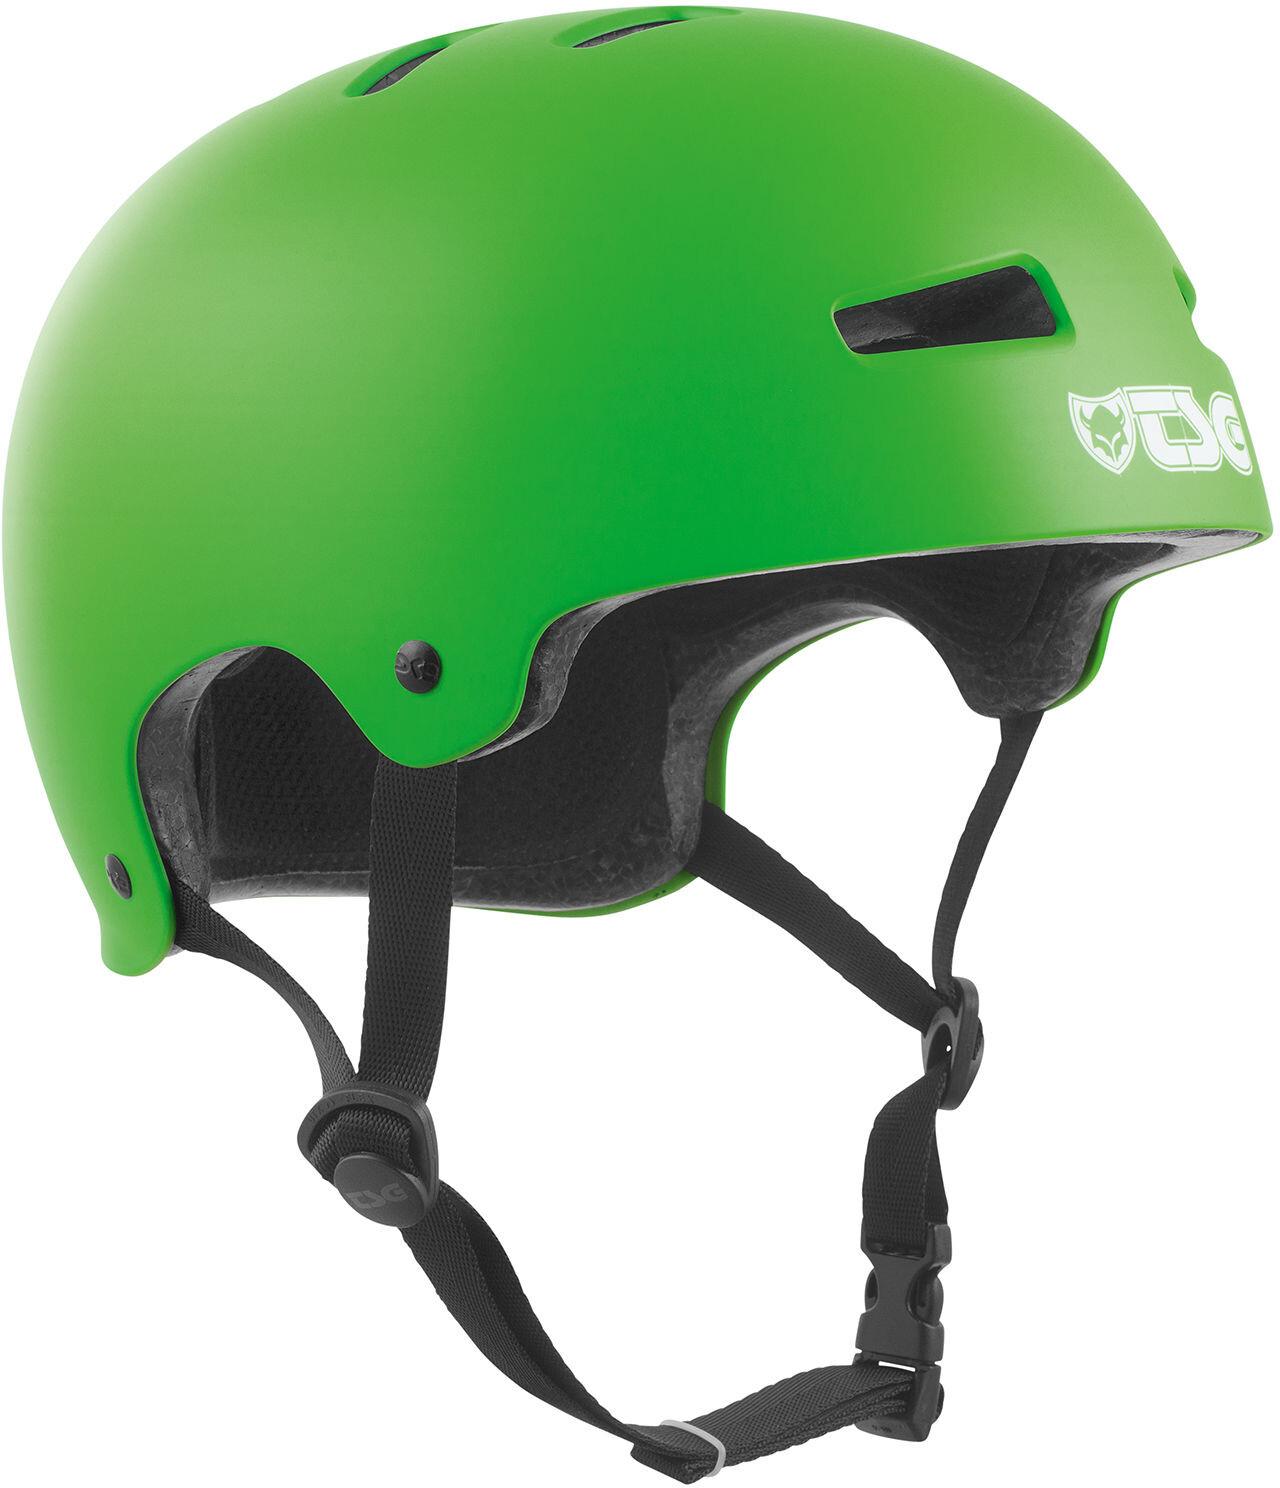 TSG Evolution Solid Color Cykelhjelm, satin-limegreen | Hjelme